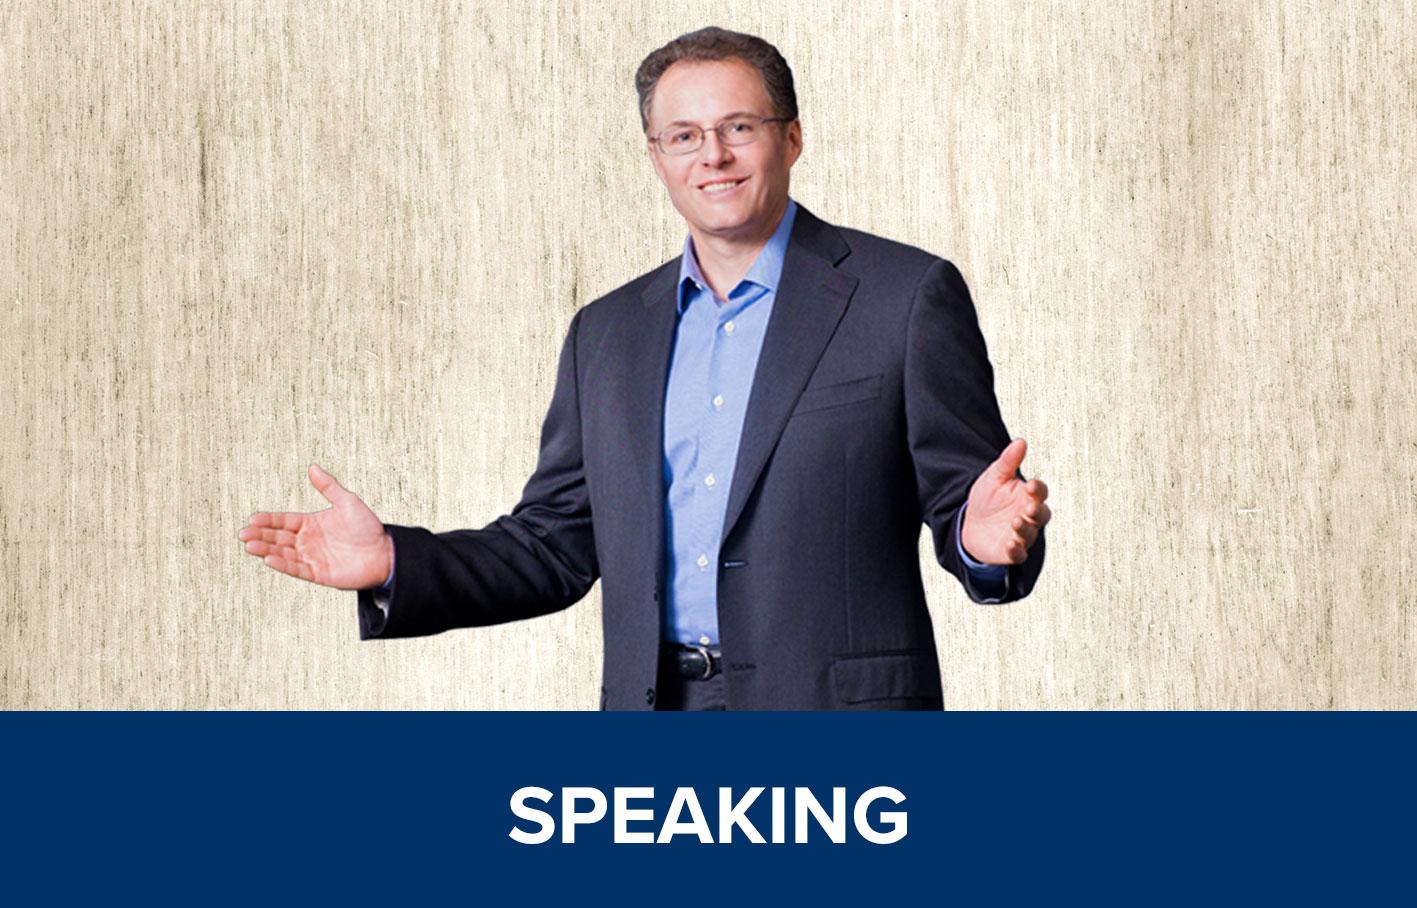 Speaking